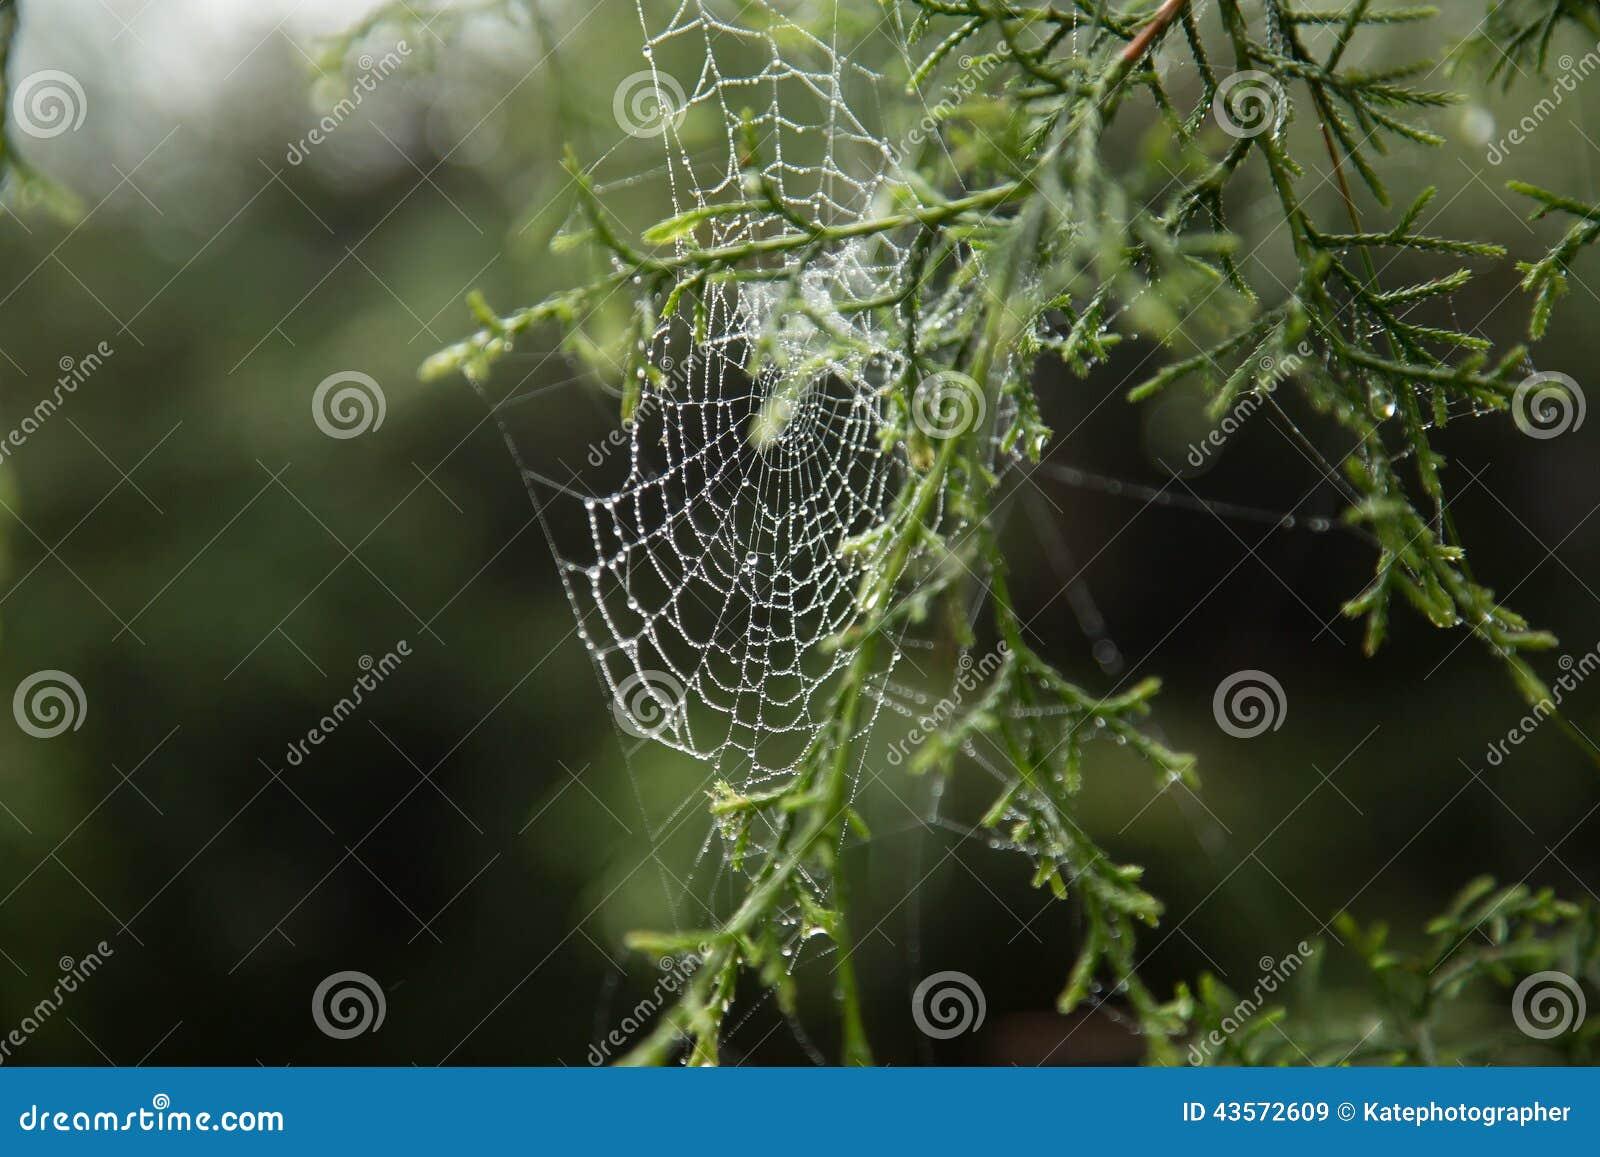 Spinnennetz und Tautropfen